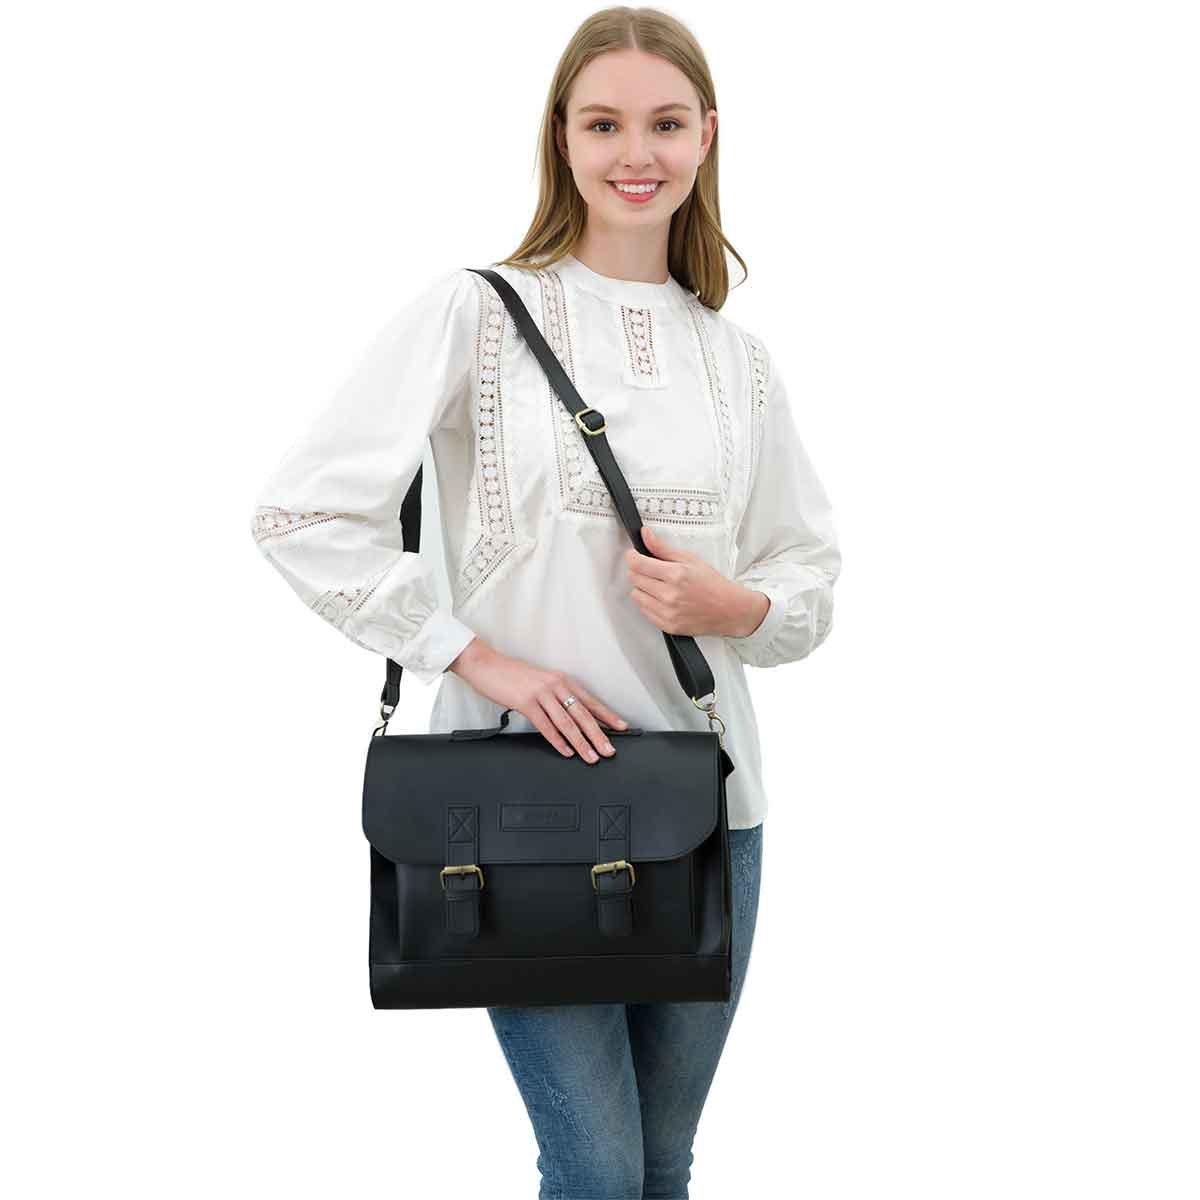 JAKAGO 14.6 Inch Vintage PU Leather Briefcase Laptop Shoulder Messenger Bag Tote School Distressed Bag for Women and Men by JAKAGO (Image #2)